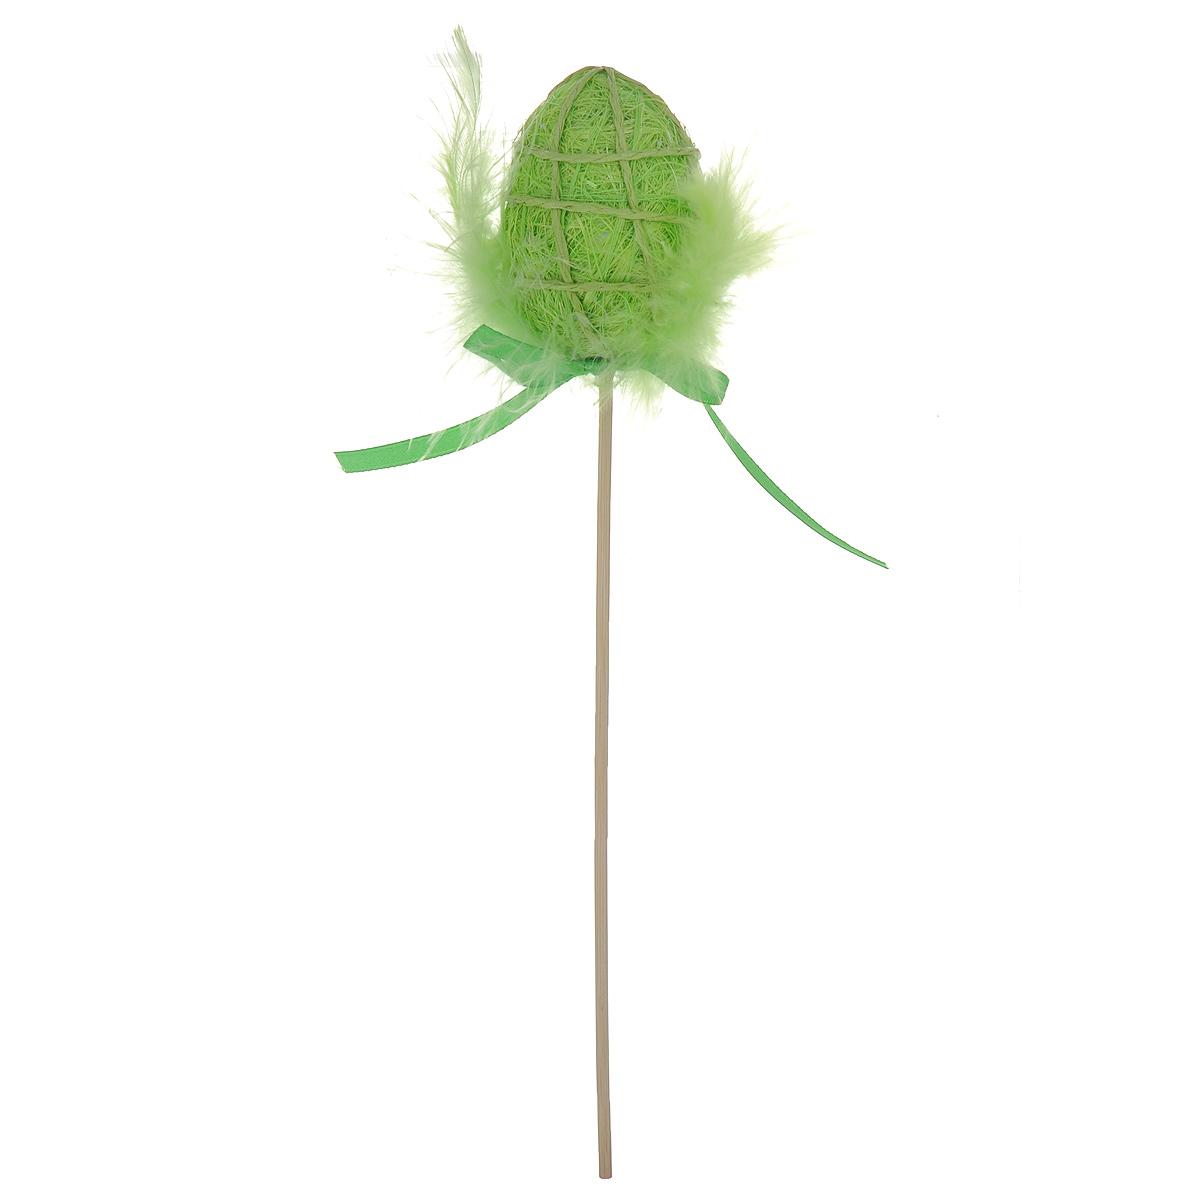 Декоративное пасхальное украшение на ножке Home Queen Яйцо с пухом. Разноцвет, цвет: зеленый, высота 25 см64387_1Декоративное украшение Home Queen Яйцо с пухом. Разноцвет выполнено из полиэстера в виде пасхального яйца на деревянной ножке, декорированного перьями. Изделие украшено текстильной лентой.Такое украшение прекрасно дополнит подарок для друзей или близких на Пасху.Высота: 25 см. Размер яйца: 6 см х 4,5 см.